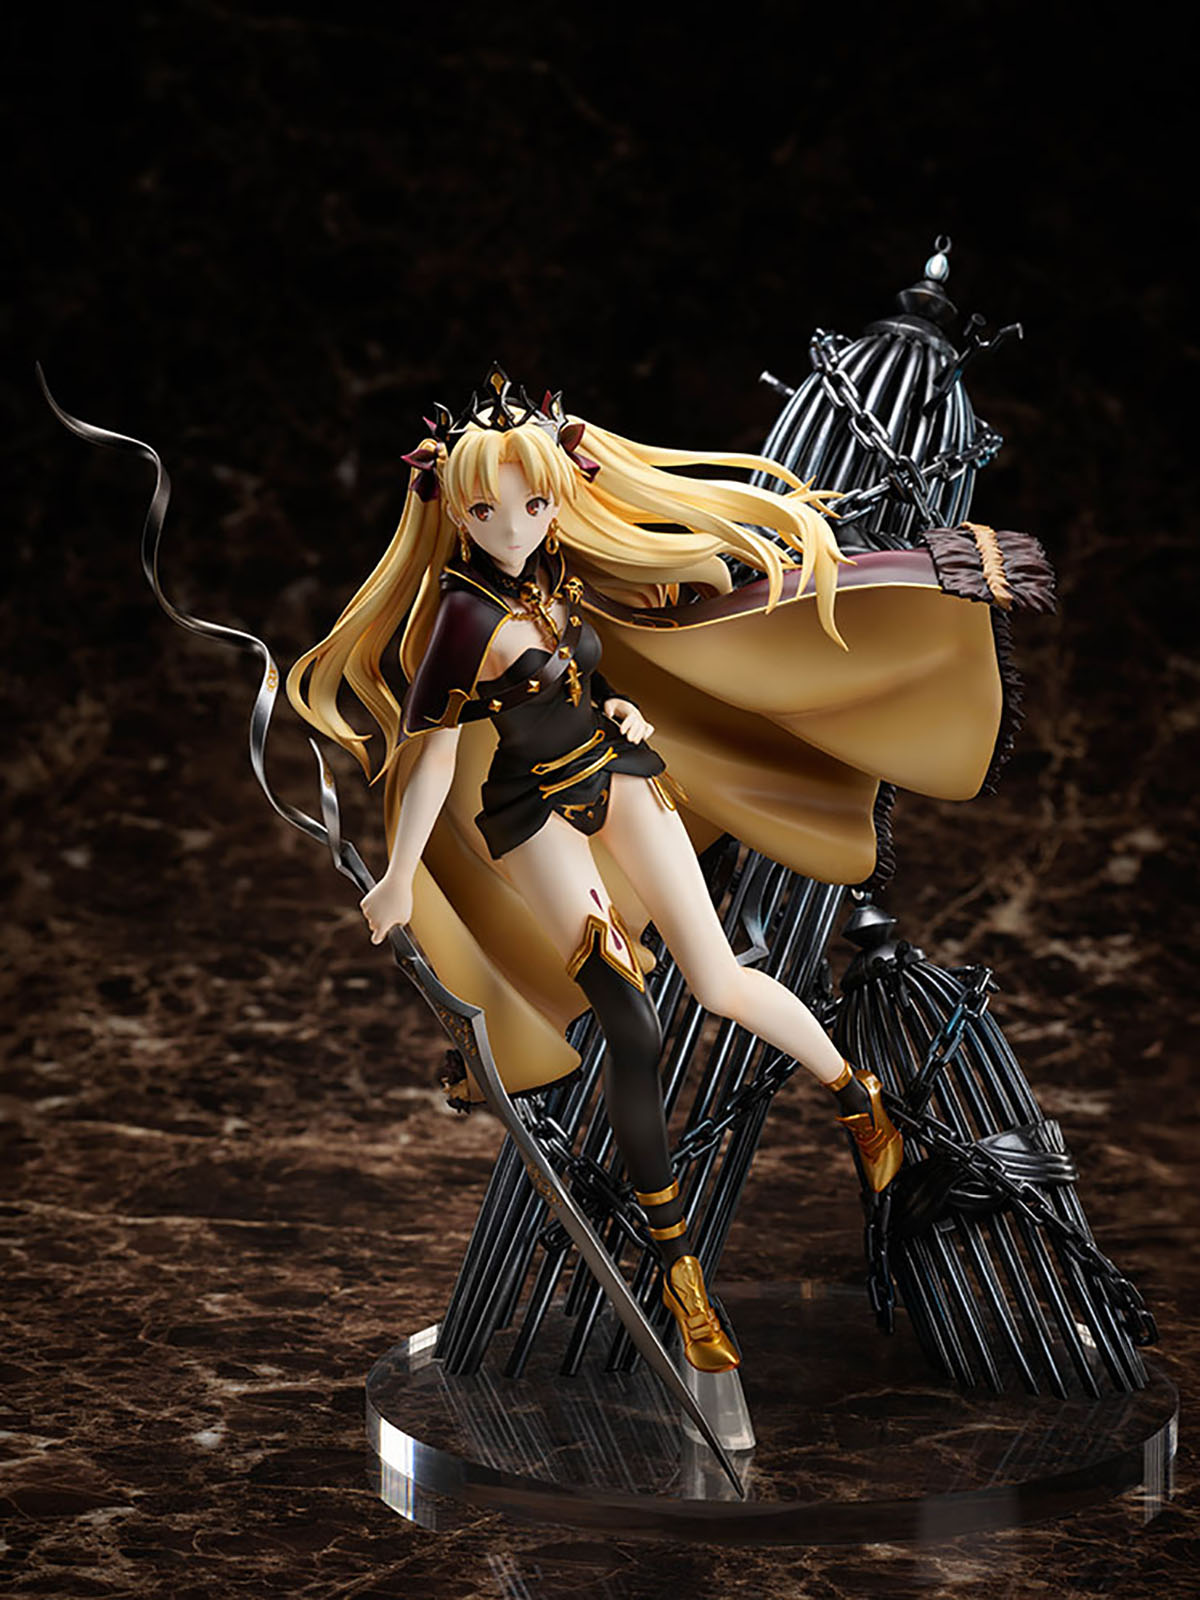 【限定販売】Fate/Grand Order『ランサー/エレシュキガル』1/7 完成品フィギュア-002